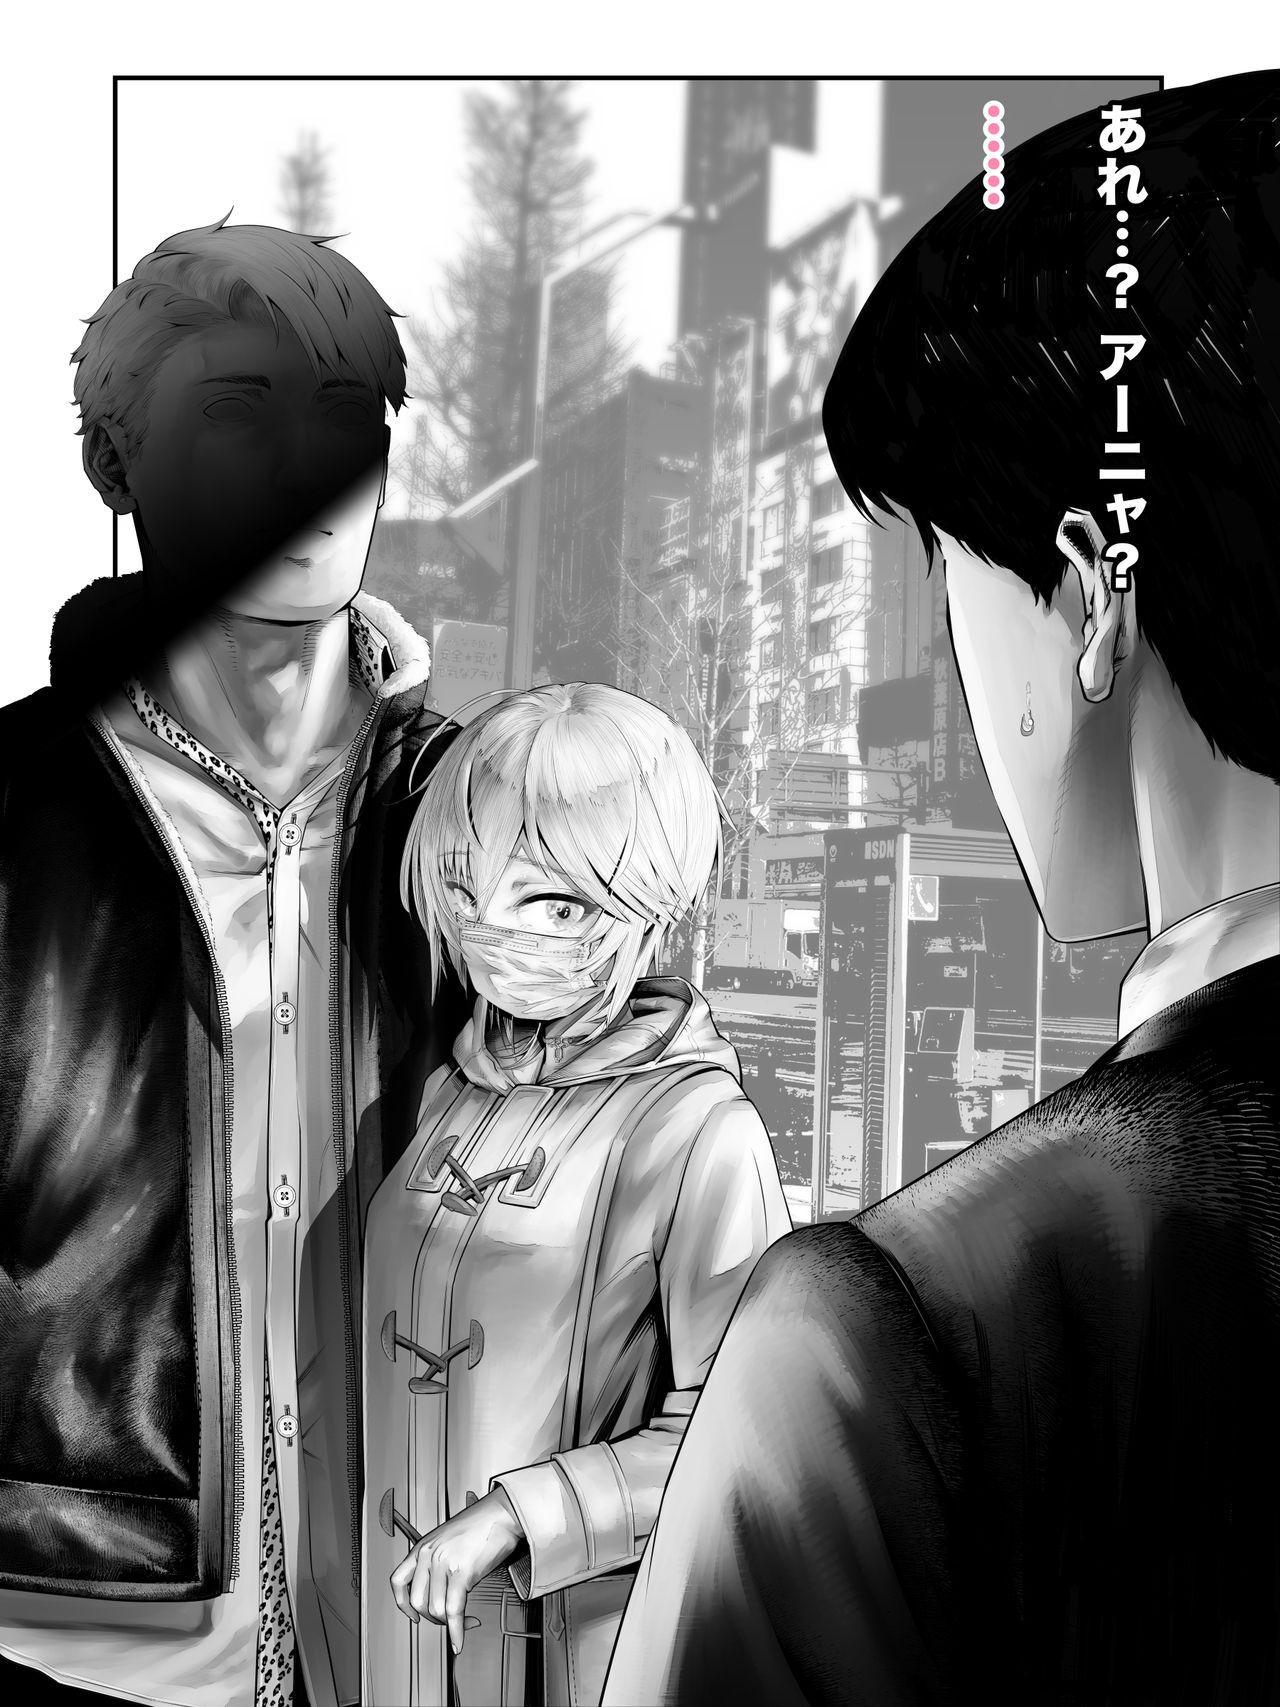 Kanzenba/P 「Sochira no kata wa…?」?「Chissu, ore otoutosu」 10